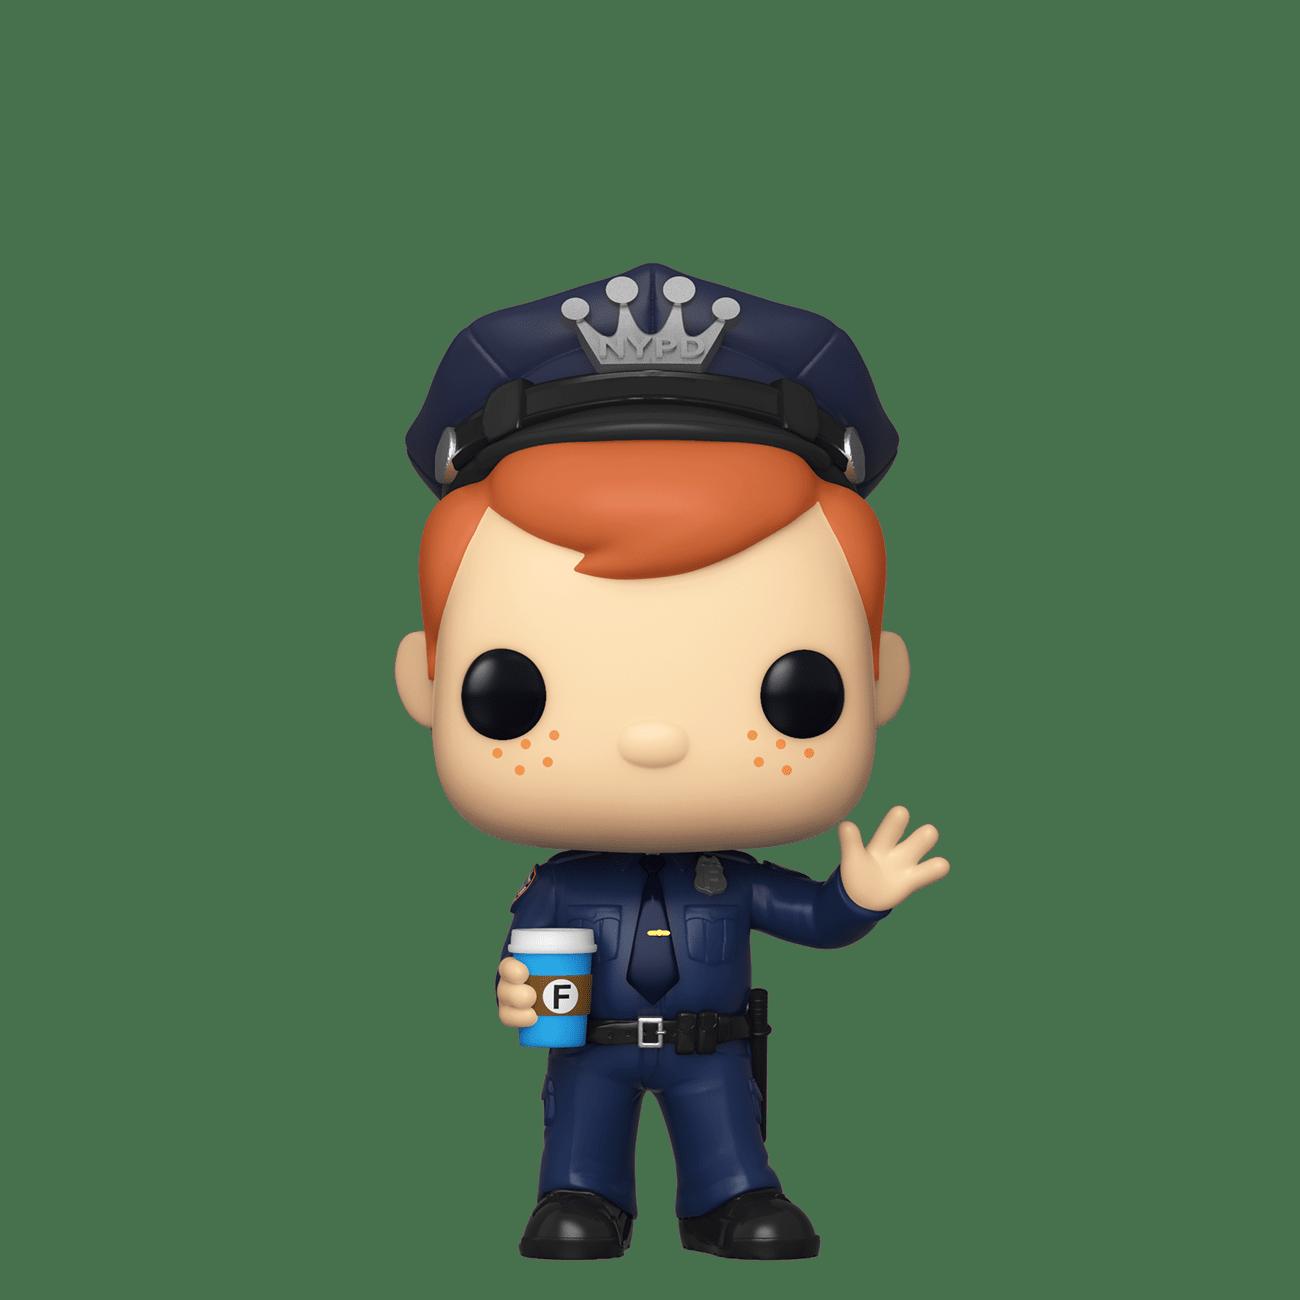 Funko Pop Freddy Funko NYPD Officer Freddy NYCC 2019